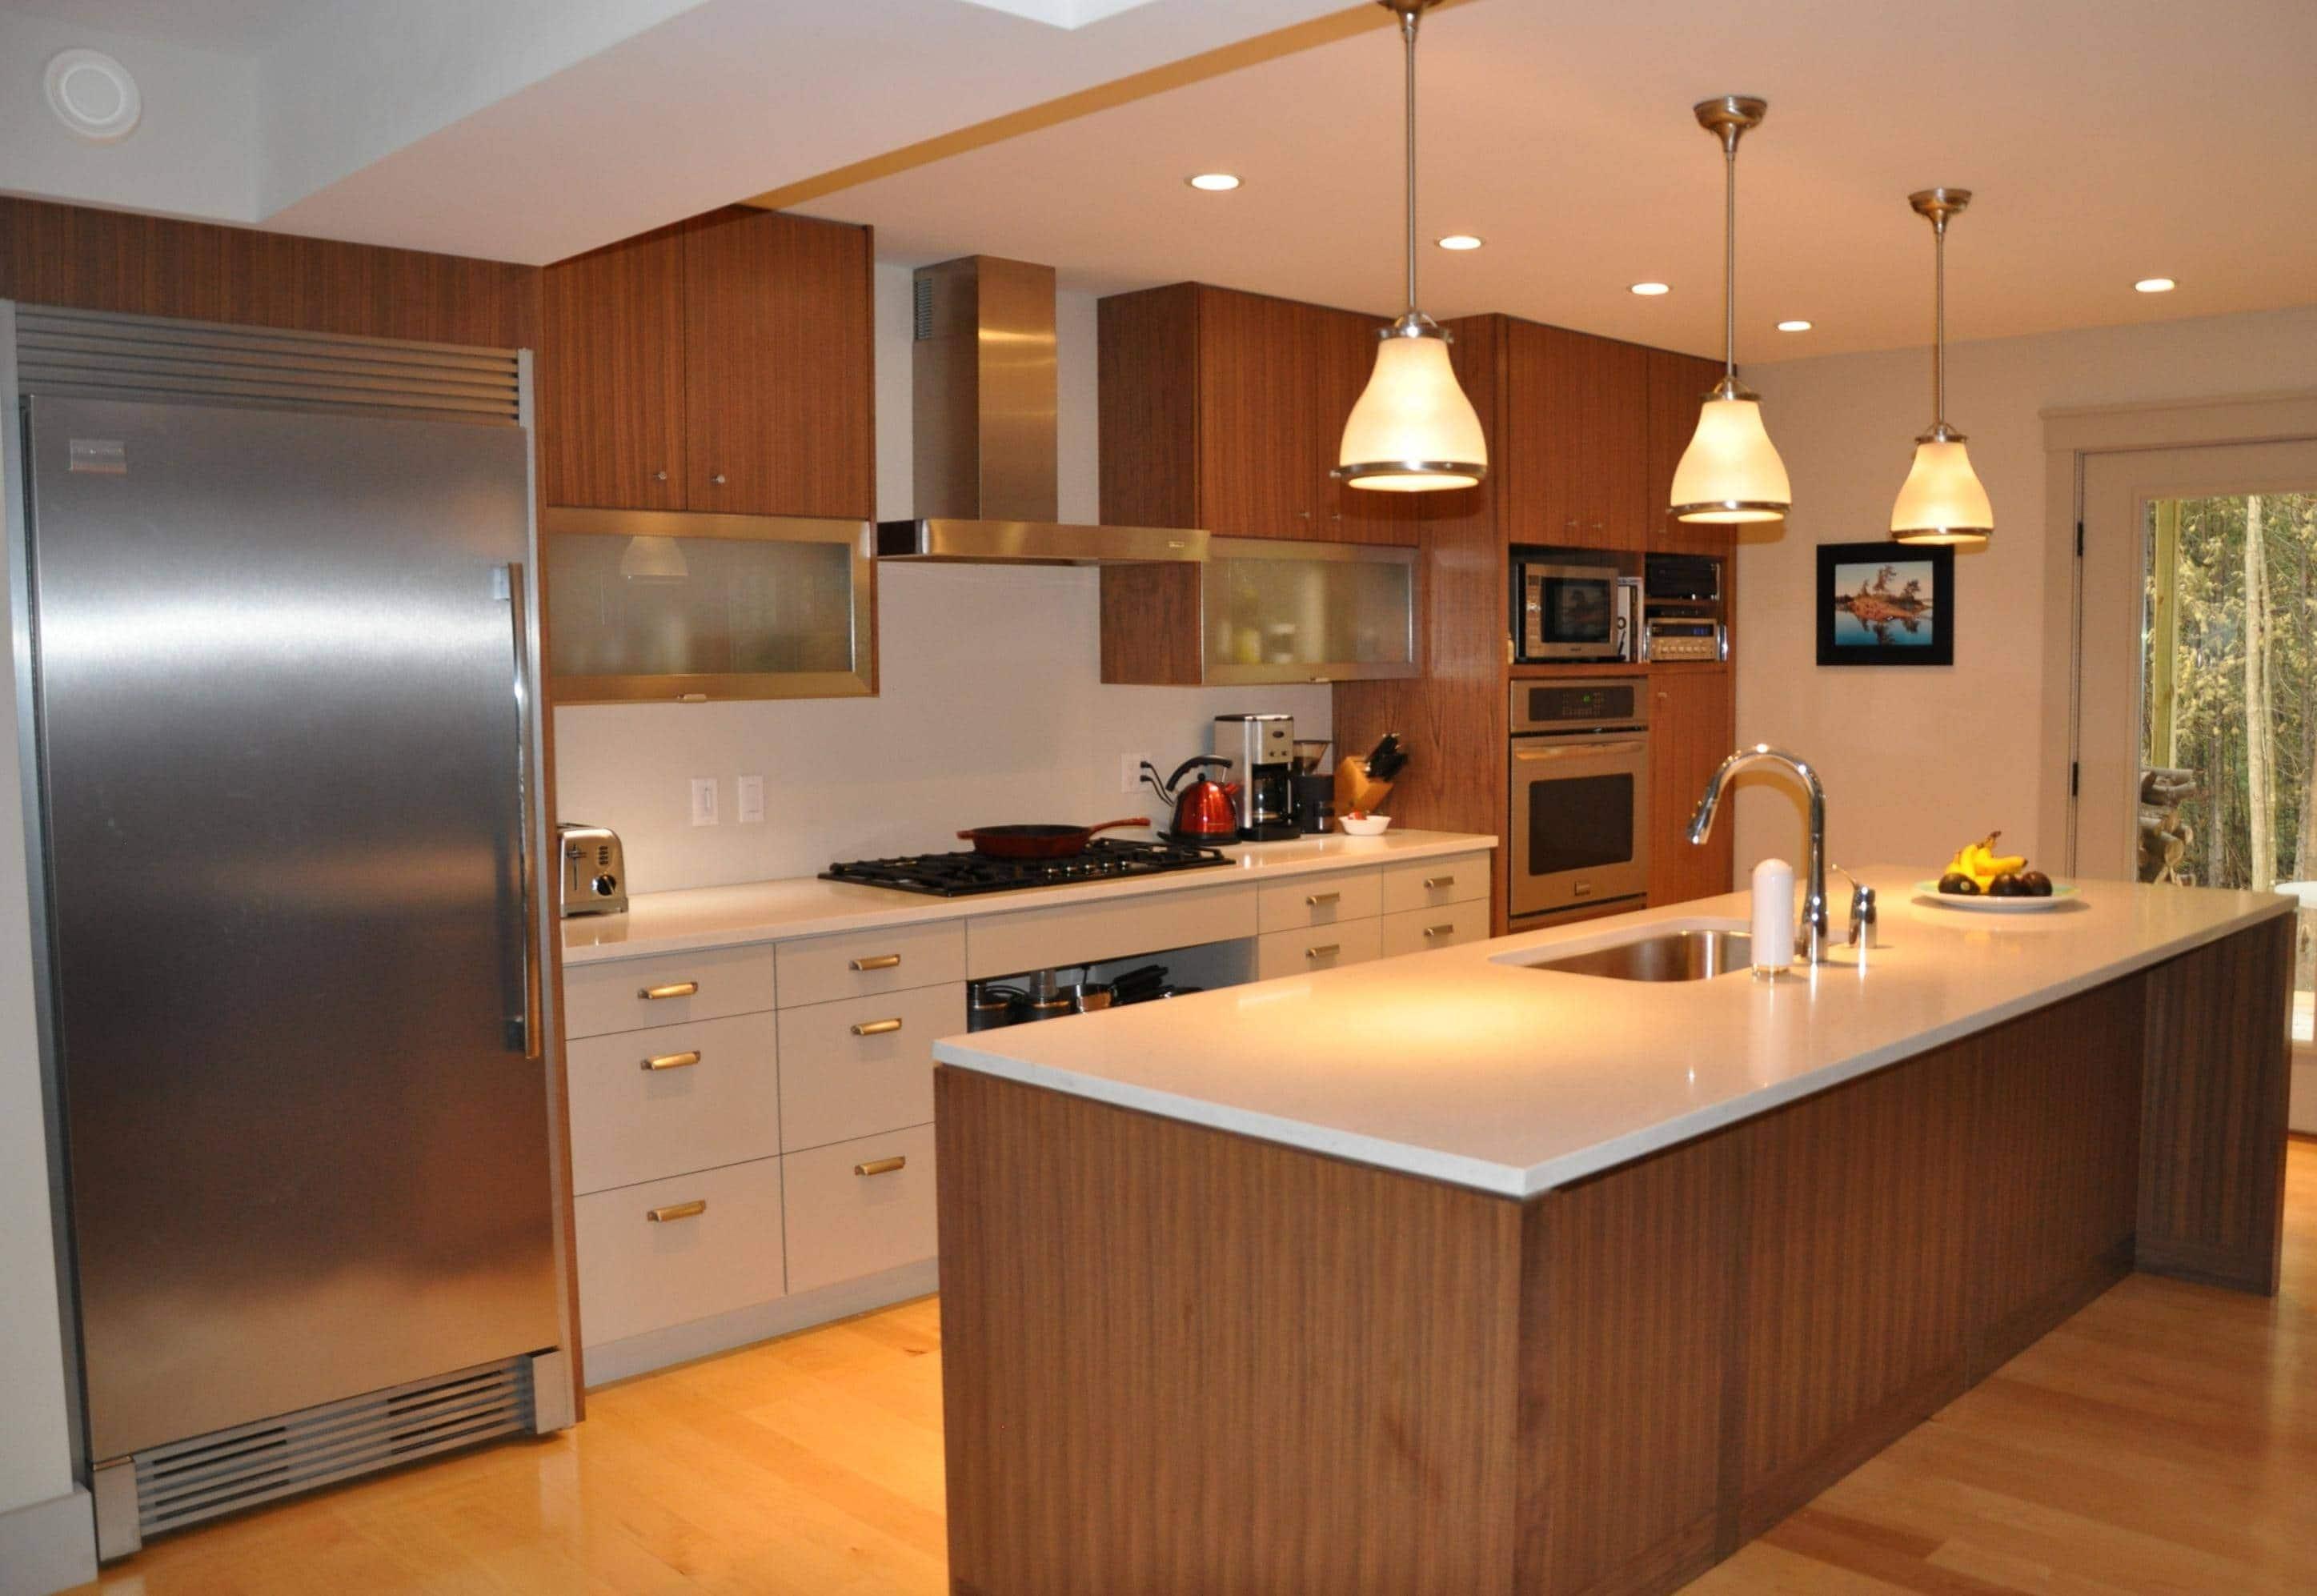 kitchen dream meaning, dream about kitchen, kitchen dream interpretation, seeing in a dream kitchen